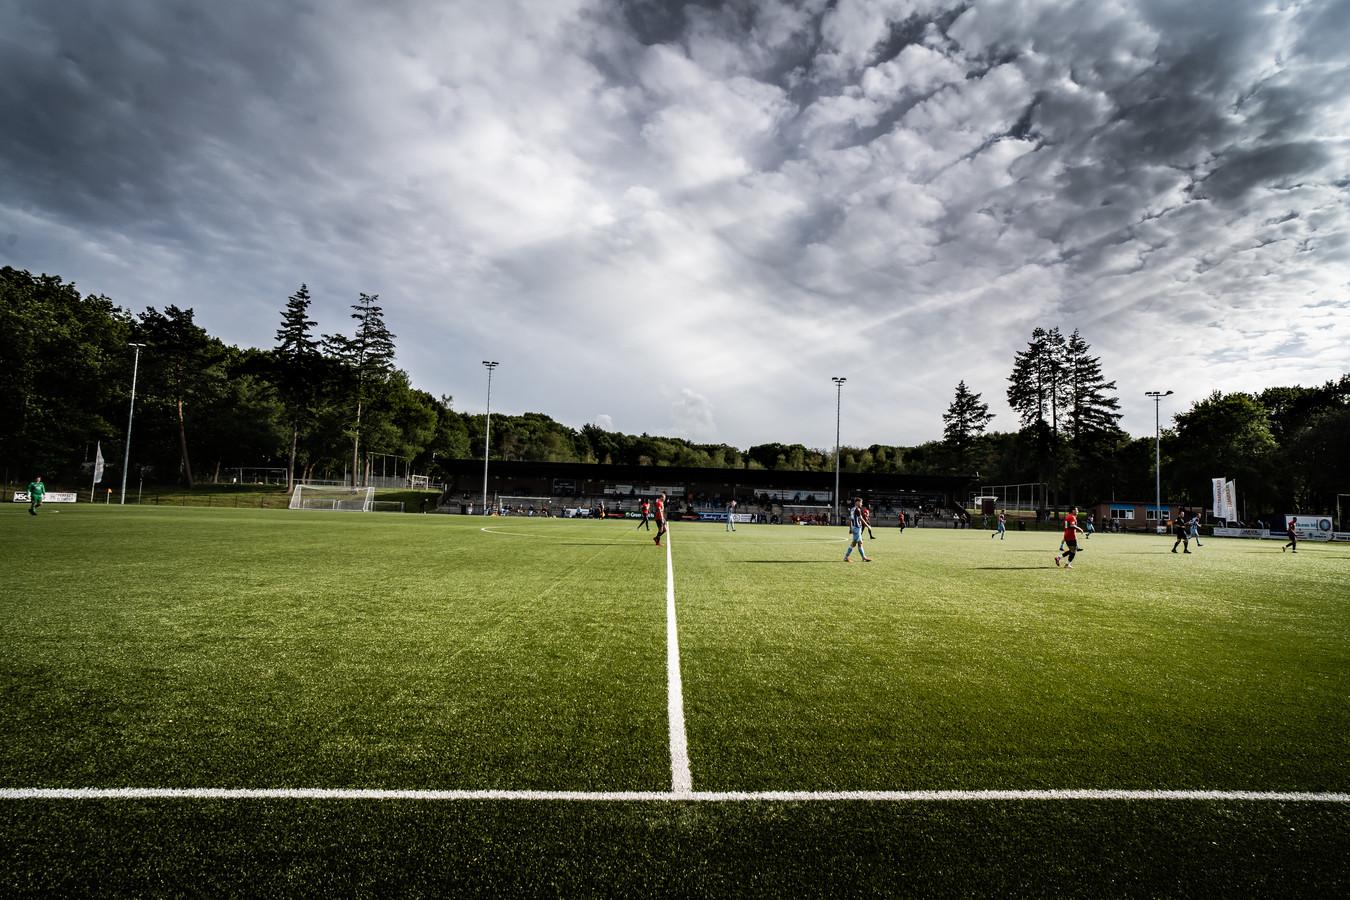 Voetbalpret bij OVC'85 in Oosterbeek.